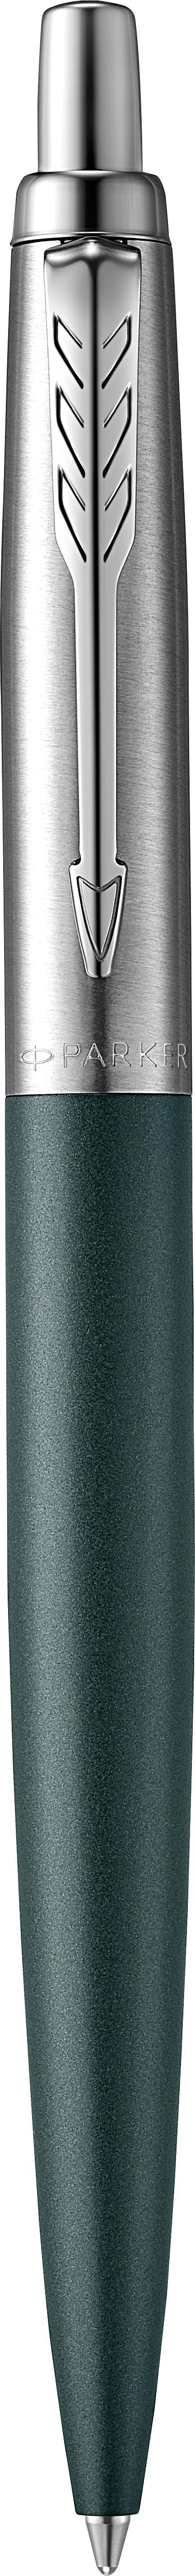 Ручка Parker Jotter XL M Blue CT шариковая